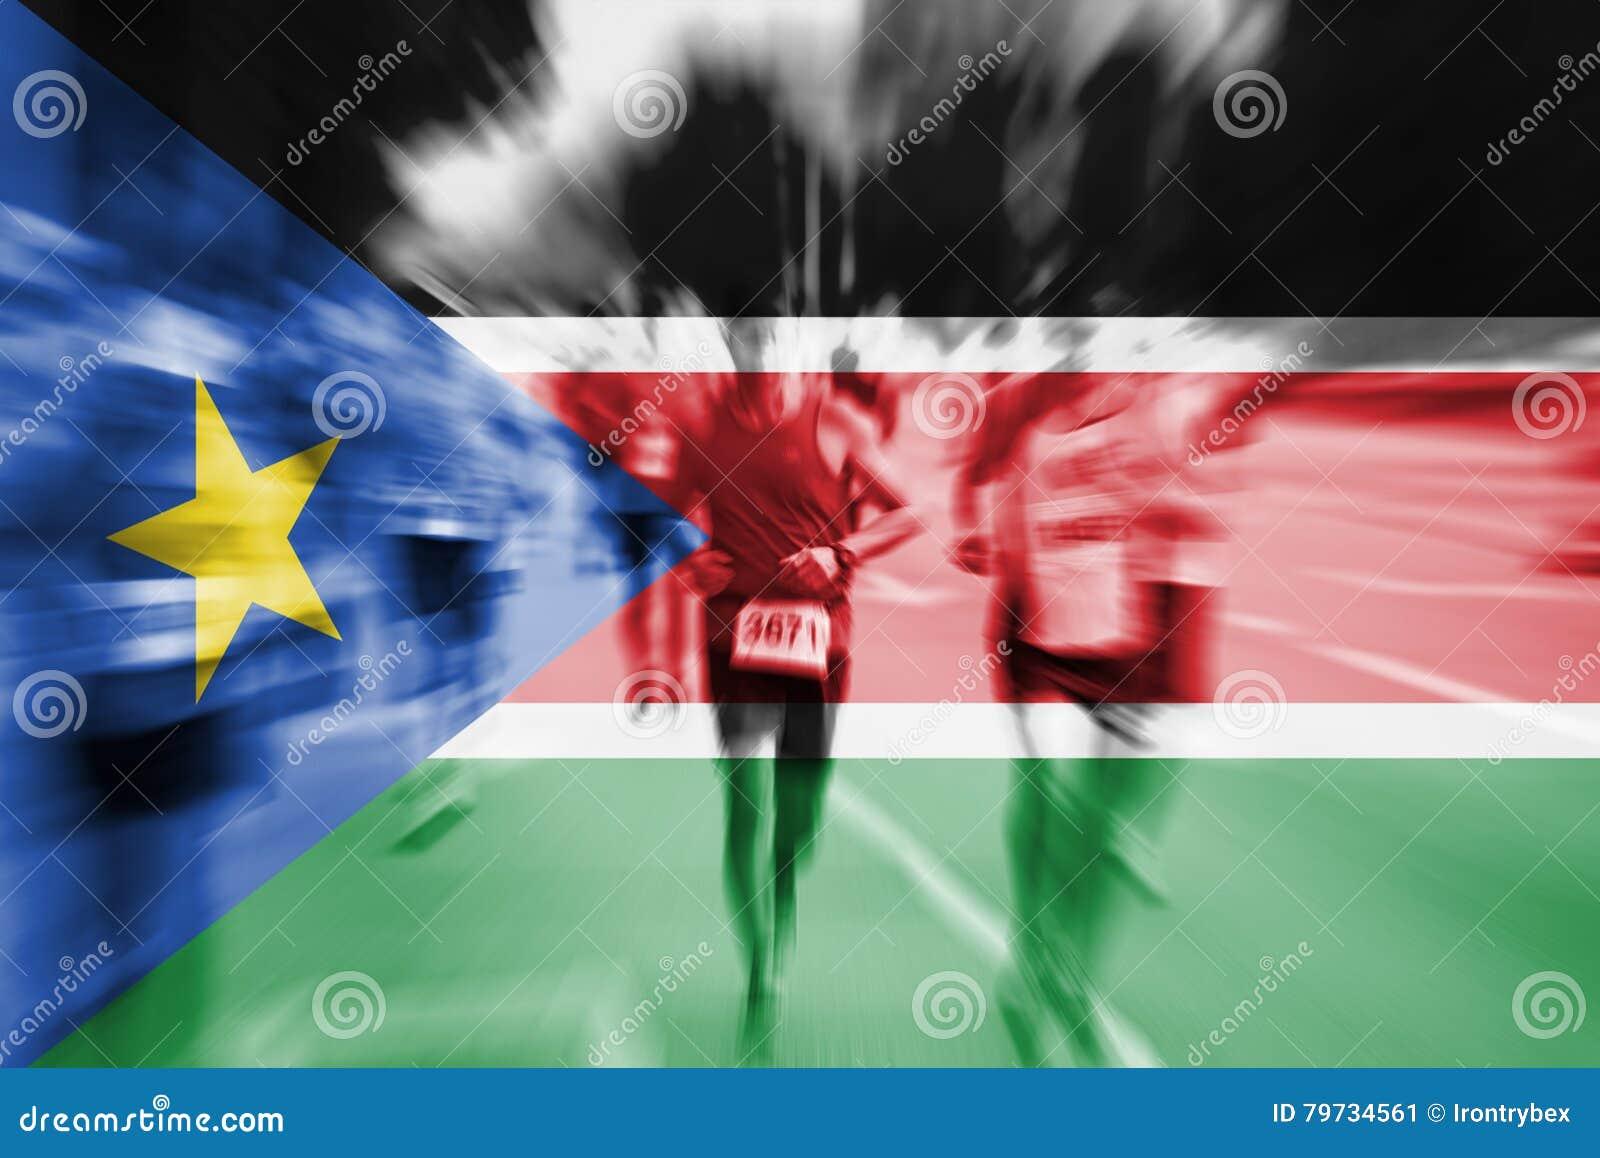 Falta de definición de movimiento del corredor de maratón con la mezcla de la bandera del sur de Sudán